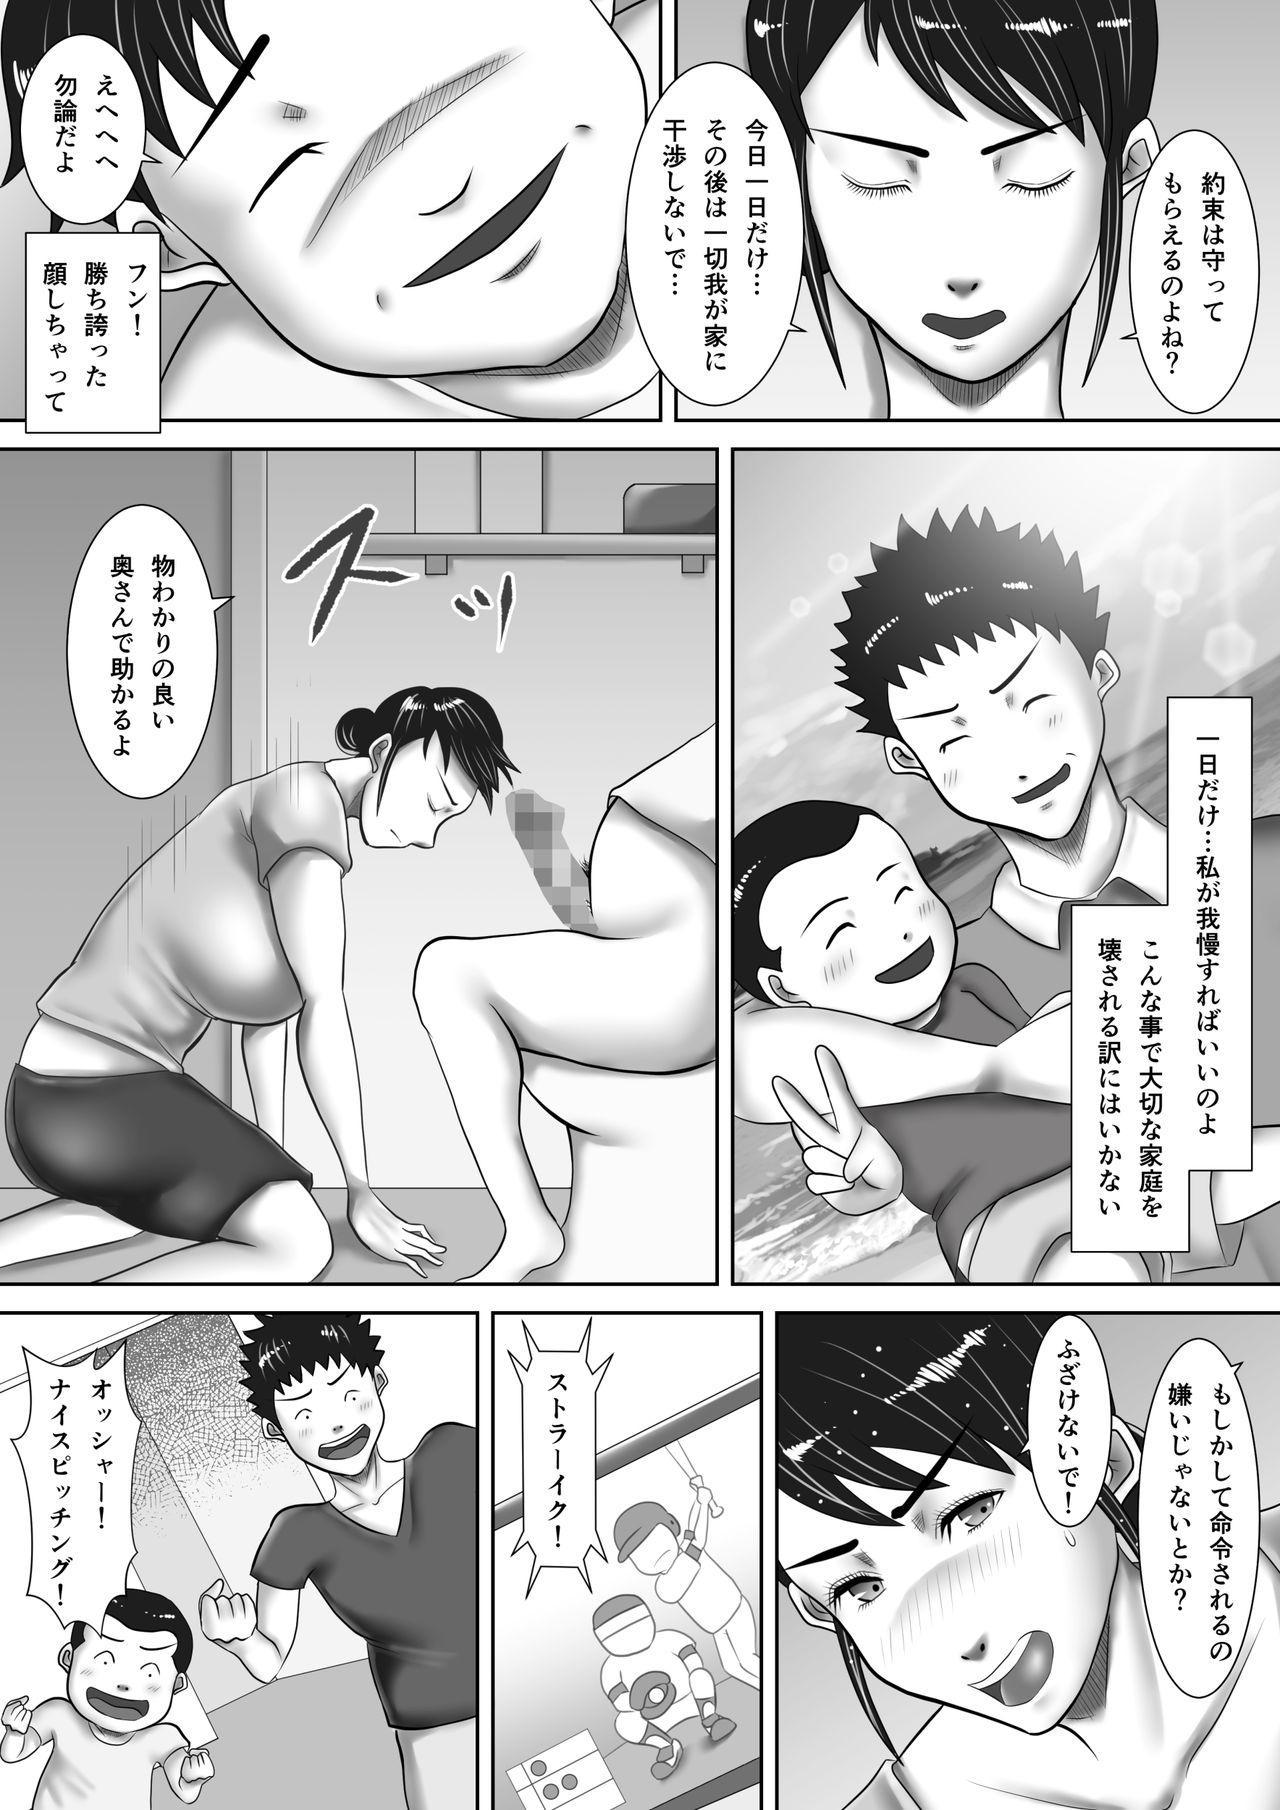 Jitaku de Netorareta Kachiki na Hitozuma 6